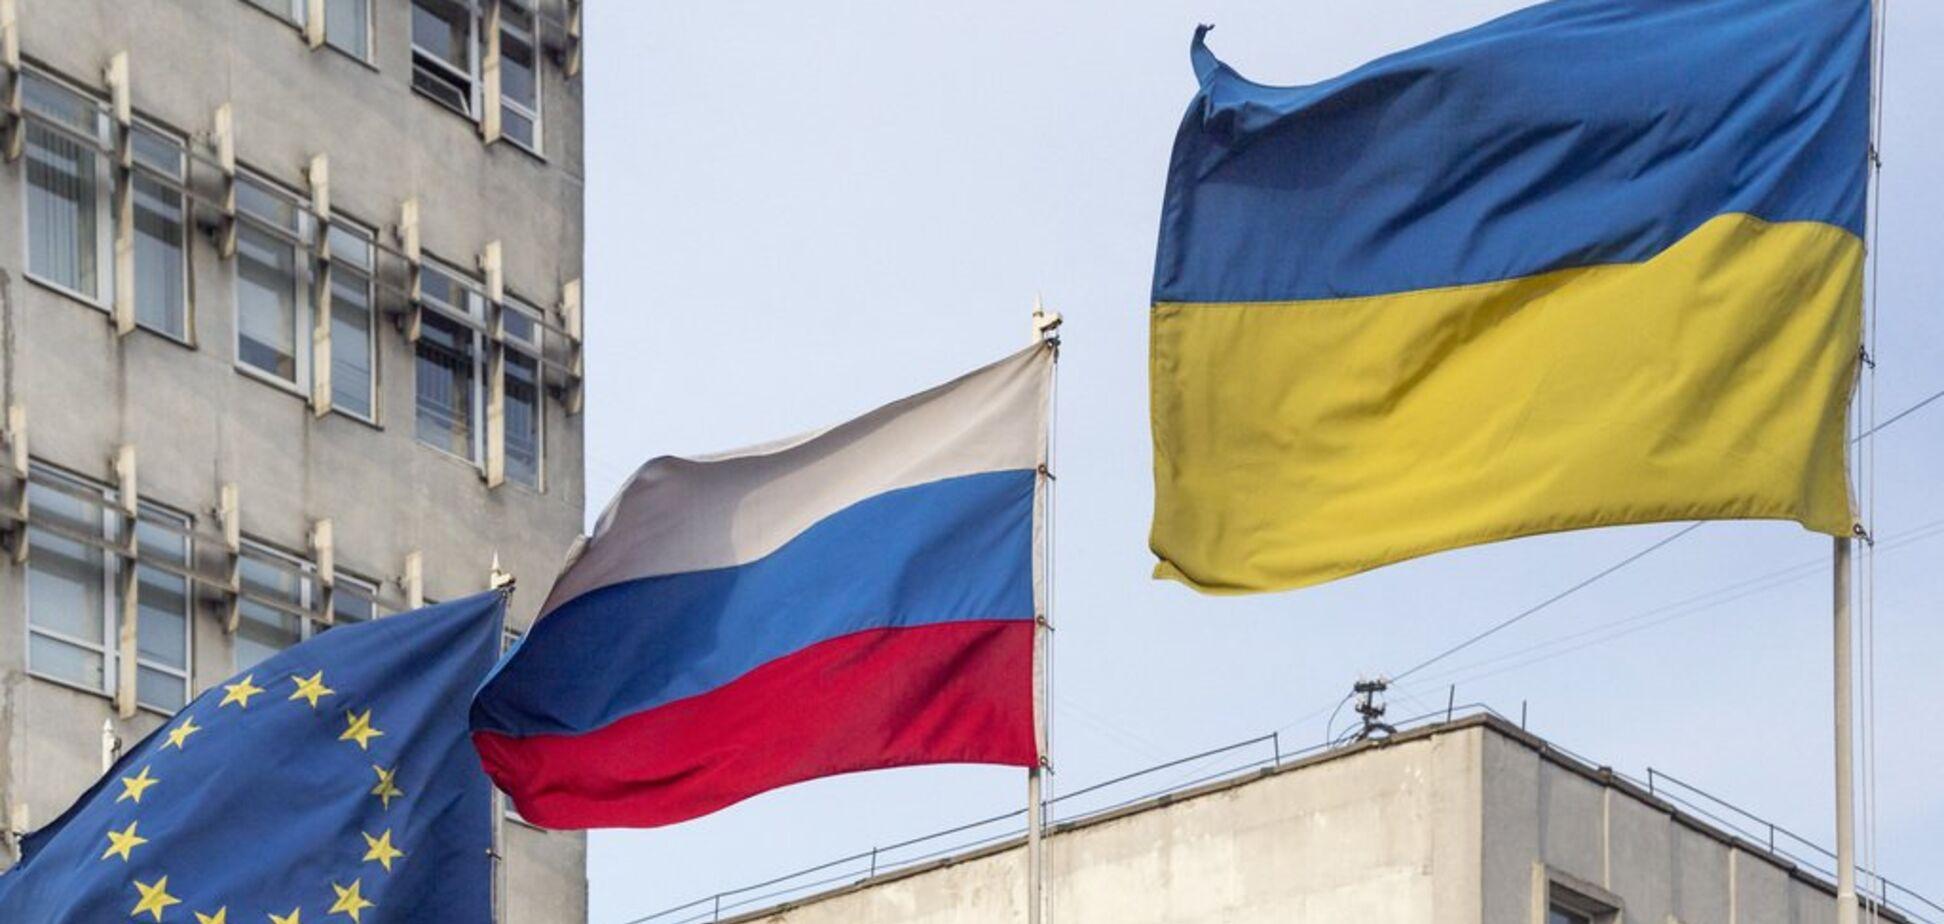 'Відповіли тим же': в Україні пояснили заборону на торгівлю з Росією